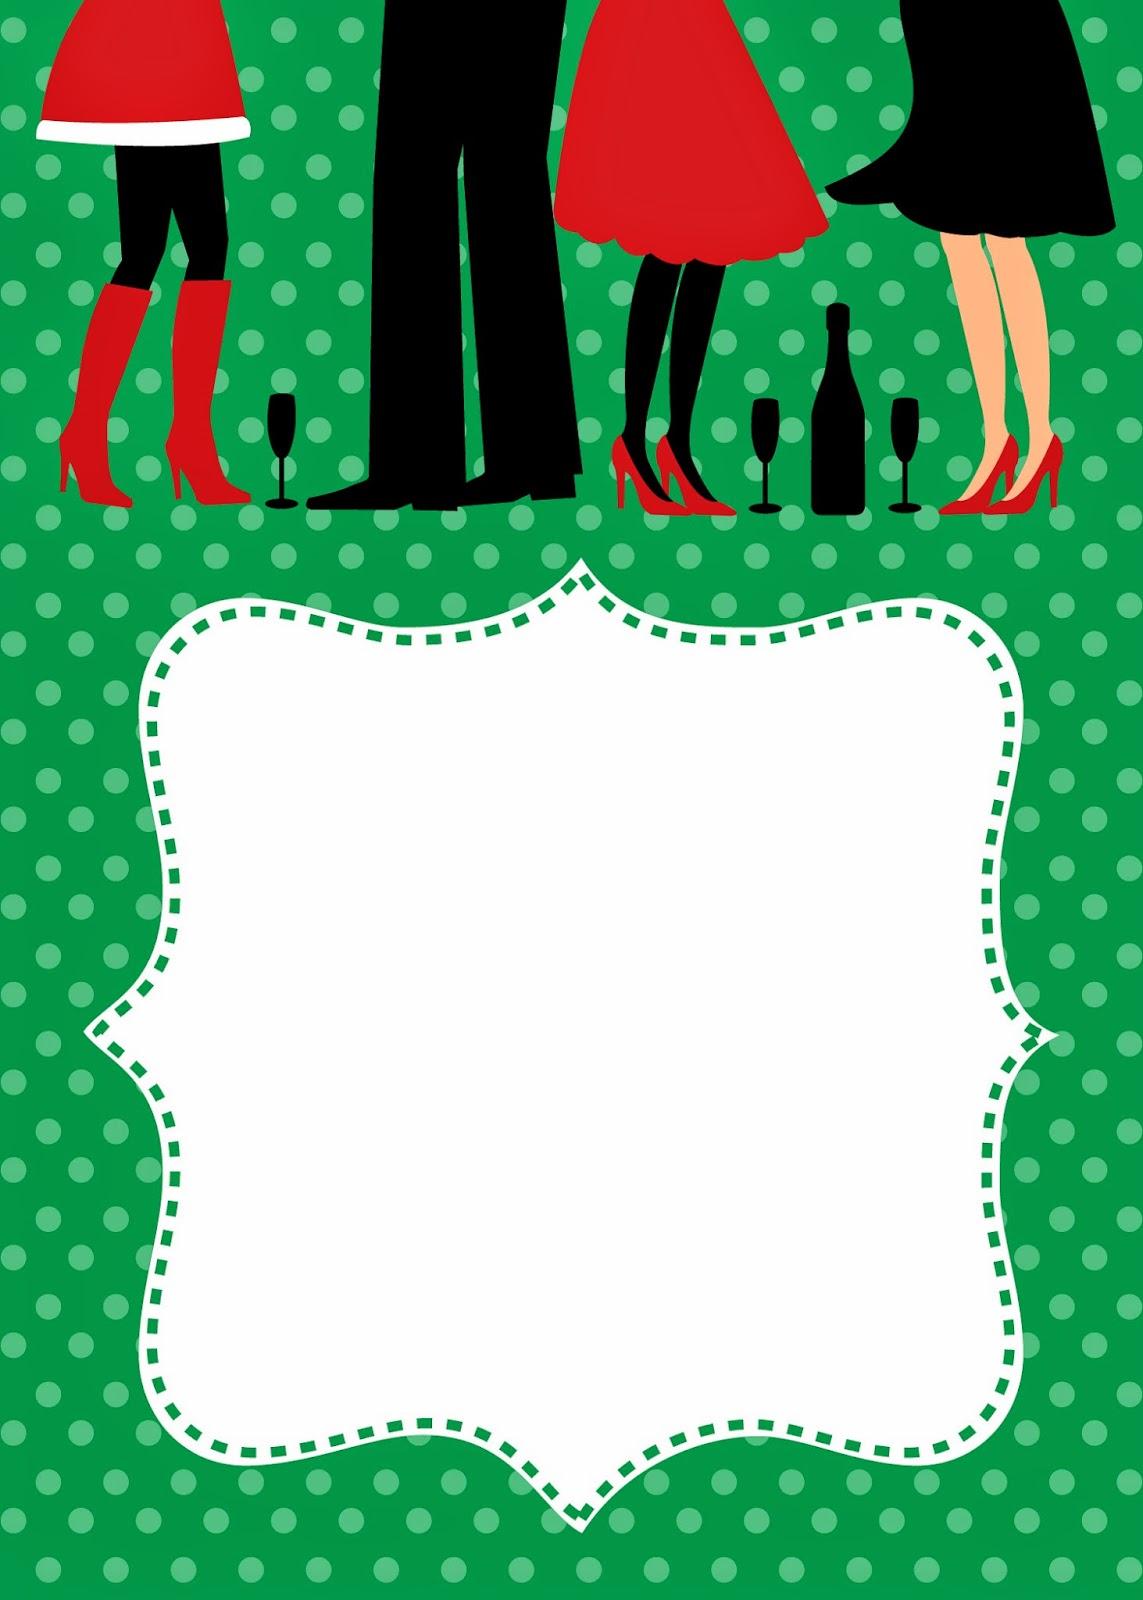 Invitaciones Tarjetas O Fondos Para Navidad Para Imprimir